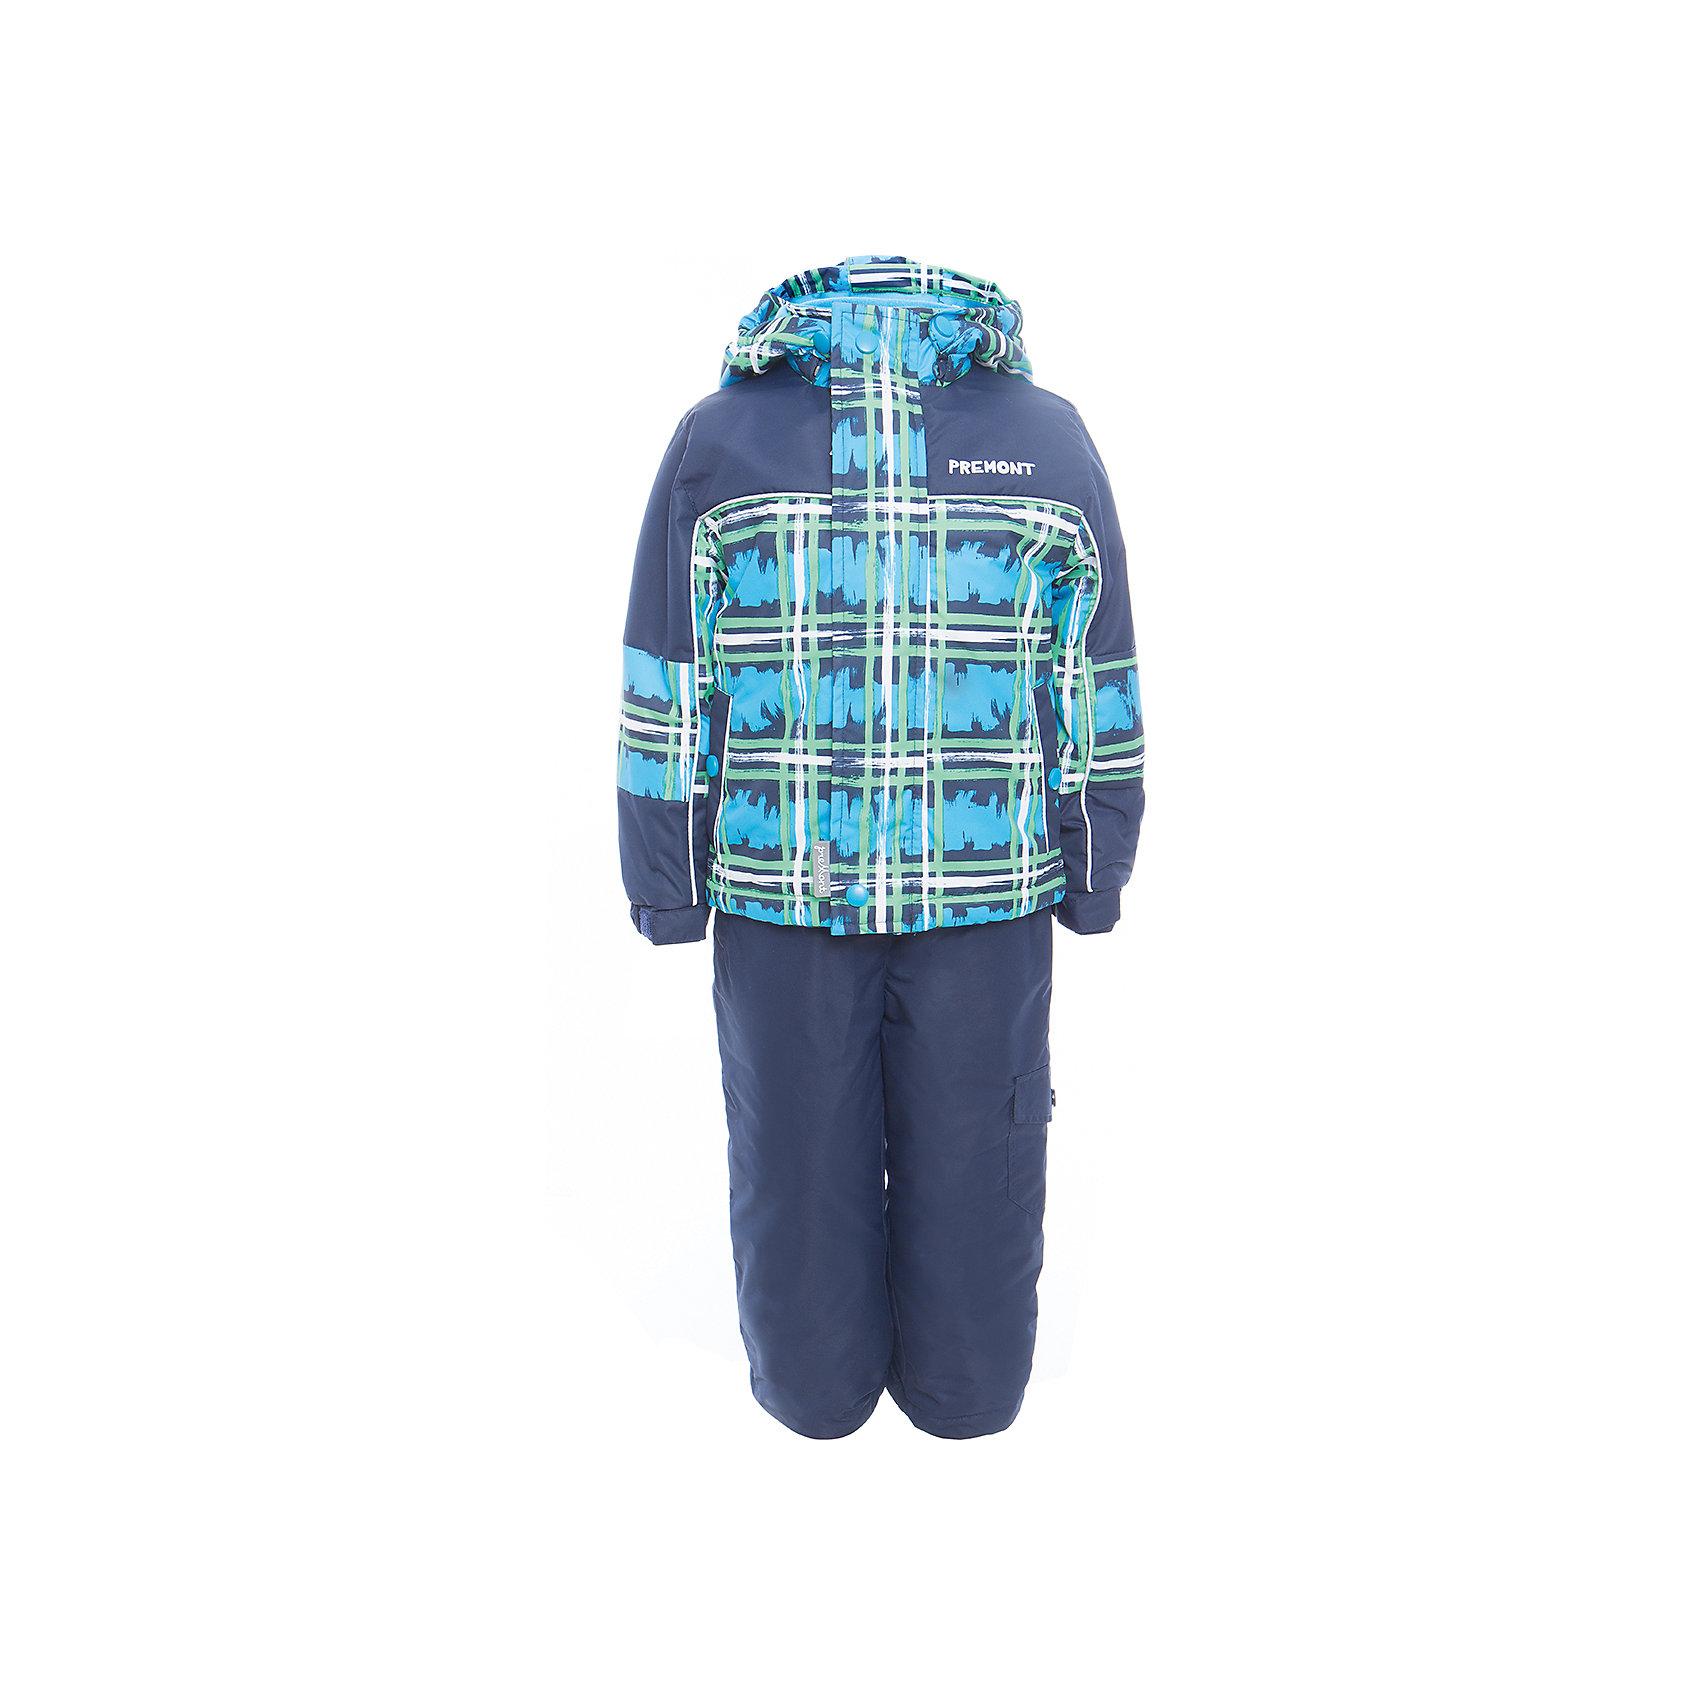 Комплект: куртка и полукомбинезон для мальчика PremontВерхняя одежда<br>Характеристики товара:<br><br>• цвет: синий<br>• составткани: 100% полиэстер, мембрана 3000 мм/ 3000 г/м ?/24h<br>• подкладка: тафетта, трикотаж с ворсом на воротнике и в капюшоне<br>• утеплитель - Tech-Polyfill, в куртке 120 г/м2,  в брюках 80 г/м2<br>• комплектация: куртка и полукомбинезон<br>• температурный режим: от -5° С до +10° С<br>• водонепроницаемый материал<br>• съемный капюшон<br>• силиконовые съемные штрипки<br>• брюки с утяжкой на талии<br>• светоотражающие элементы<br>• страна бренда: Канада<br><br>Демисезонный комплект Premont обеспечит ребенку комфорт и тепло во время прогулок. Комплект хорошо защищает от ветра и влаги. Материал отлично подходит для дождливой погоды. <br>Одежда от канадского бренда Premont стильная, качественные и удобная. Для производства продукции используются только безопасные, проверенные материалы и фурнитура. Порадуйте ребенка модными и красивыми вещами от Premont! <br><br>Комплект: куртка и полукомбинезон для мальчика от известного бренда Premont можно купить в нашем интернет-магазине.<br><br>Ширина мм: 356<br>Глубина мм: 10<br>Высота мм: 245<br>Вес г: 519<br>Цвет: синий<br>Возраст от месяцев: 18<br>Возраст до месяцев: 24<br>Пол: Мужской<br>Возраст: Детский<br>Размер: 92,152,98,104,110,116,122,128,134,140,146<br>SKU: 5353061